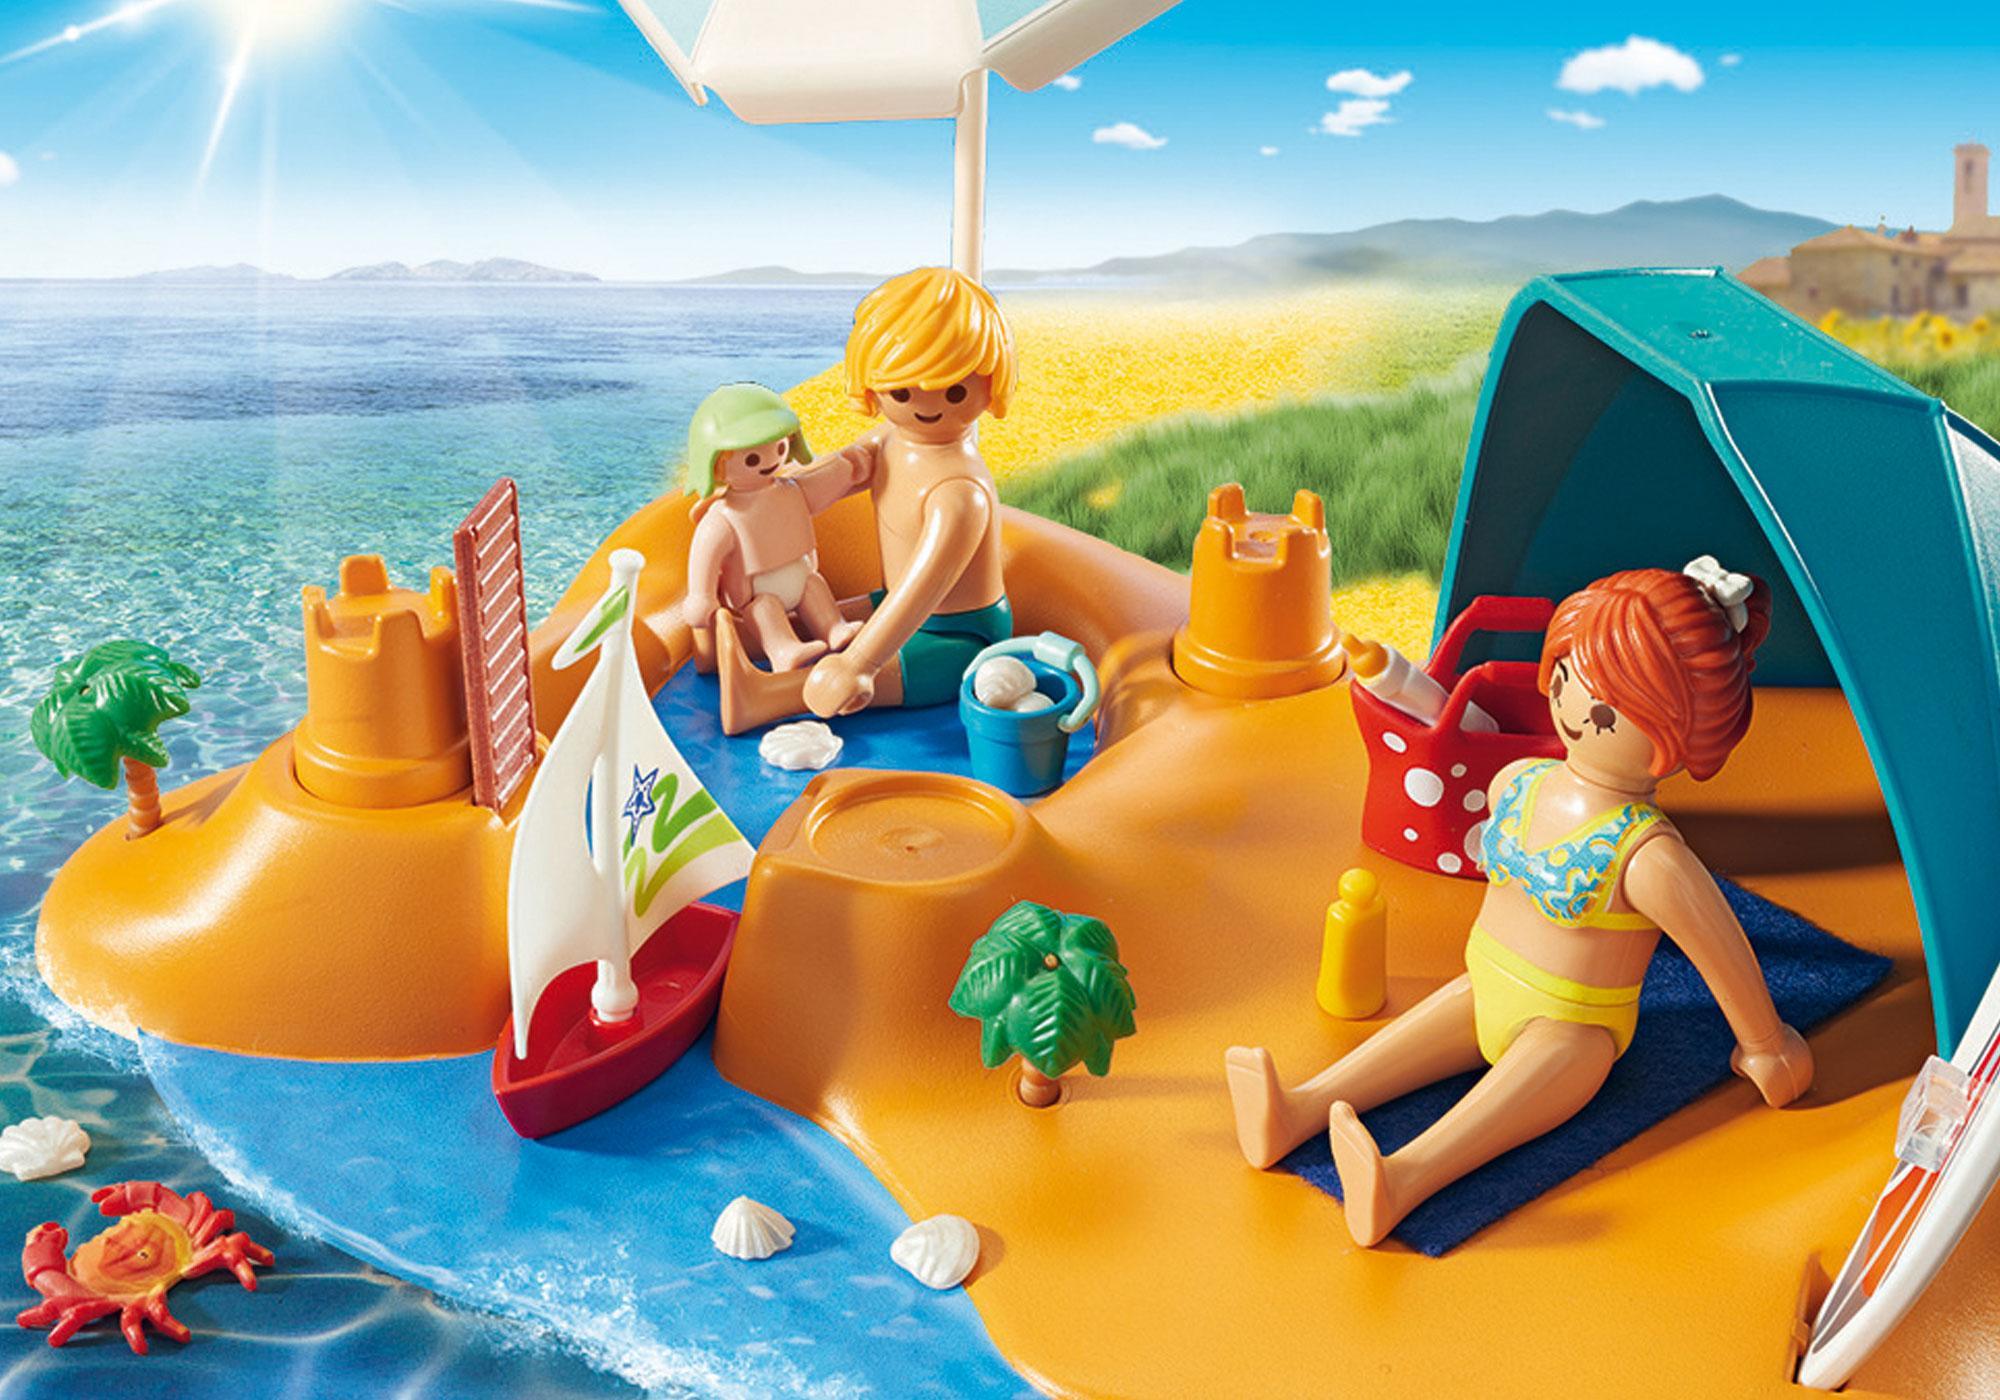 http://media.playmobil.com/i/playmobil/9425_product_extra2/Famille de vacanciers et tente